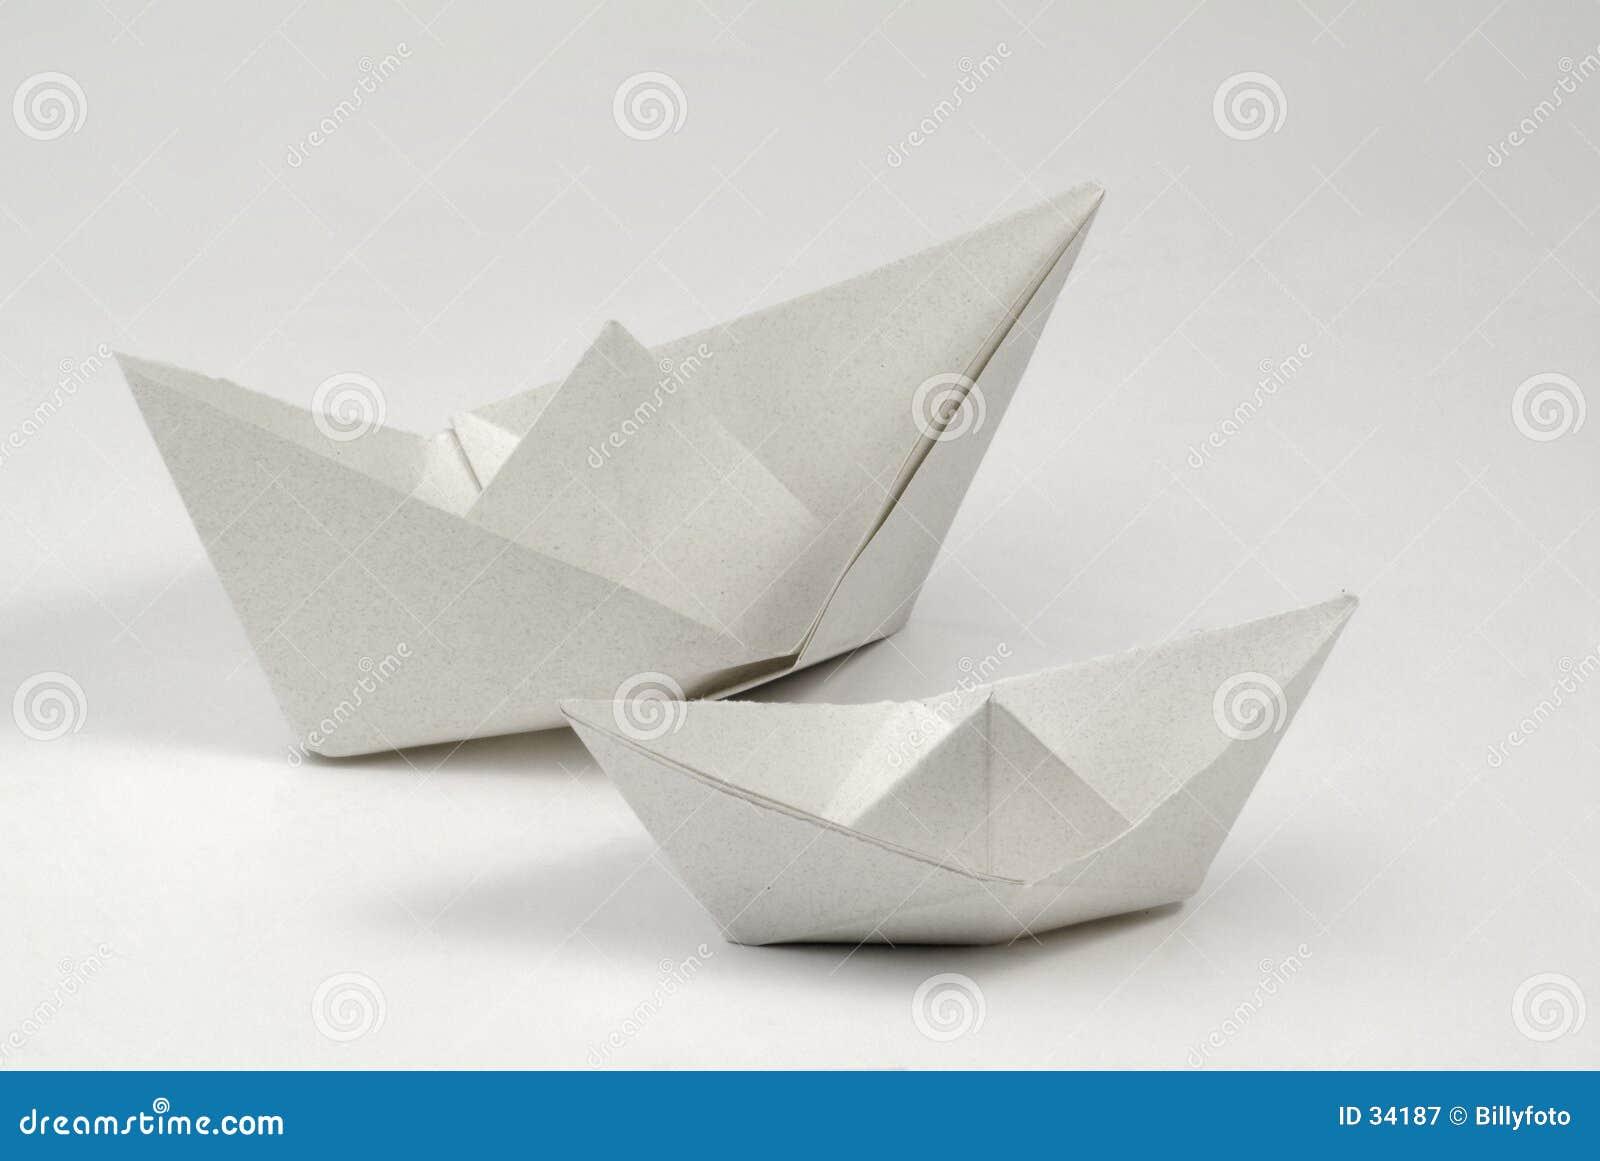 Download Papierboote stockbild. Bild von papier, lernen, spiel, meer - 34187